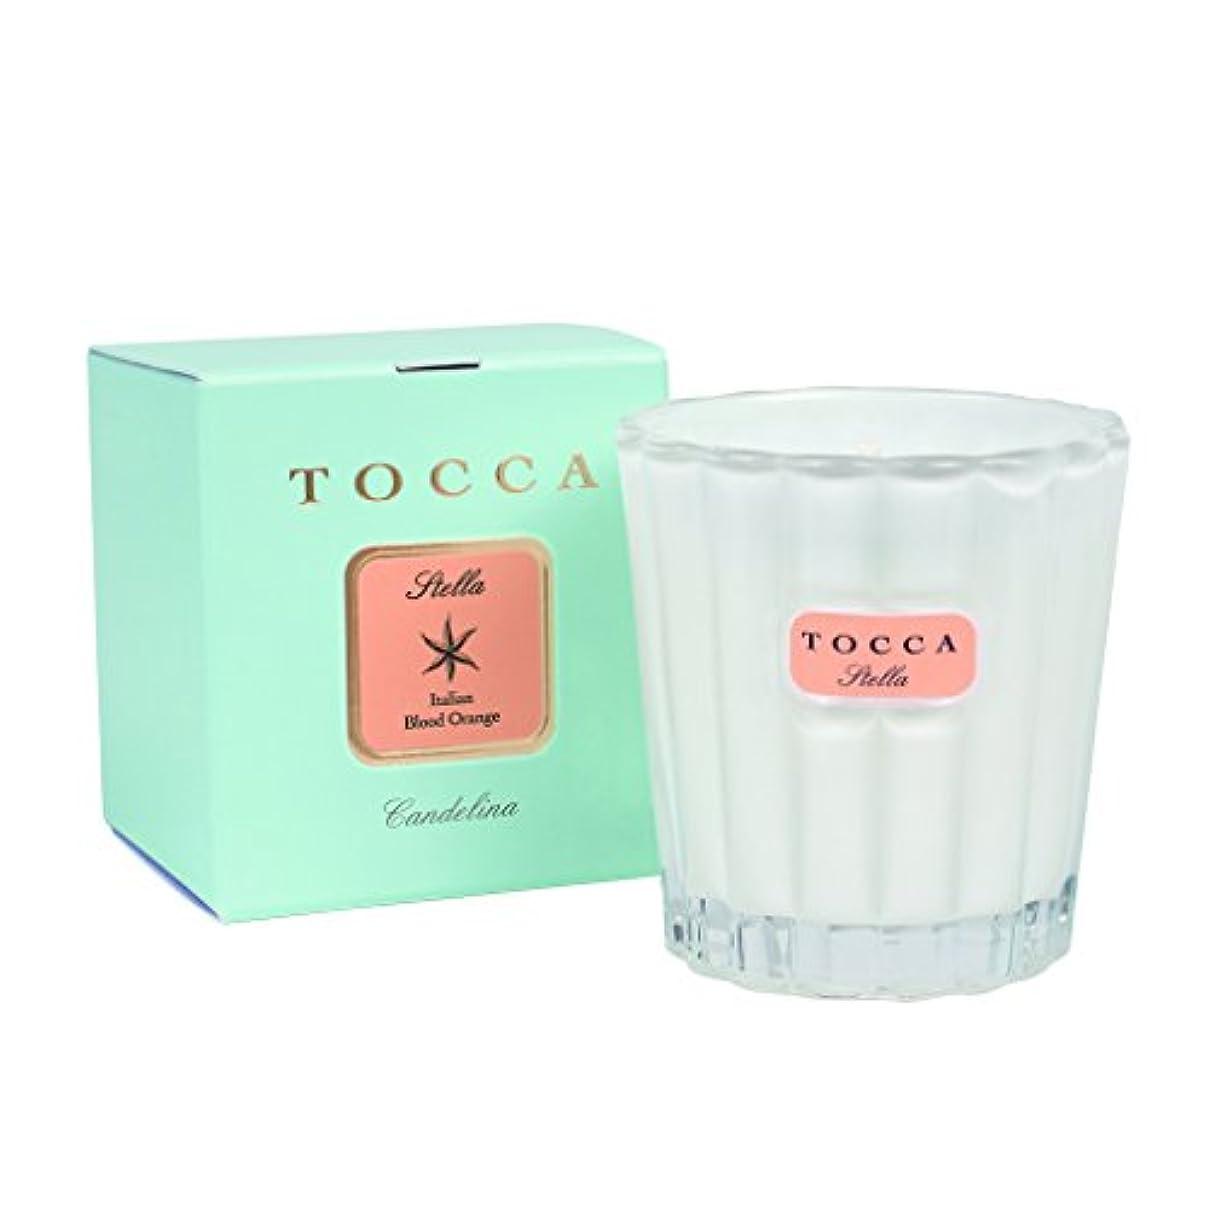 読書高度な遅滞トッカ(TOCCA) キャンデリーナ ステラ 88g (キャンドル ろうそく シトラス系でありながらほんのり甘く苦味を感じることのないさわやかな香り)